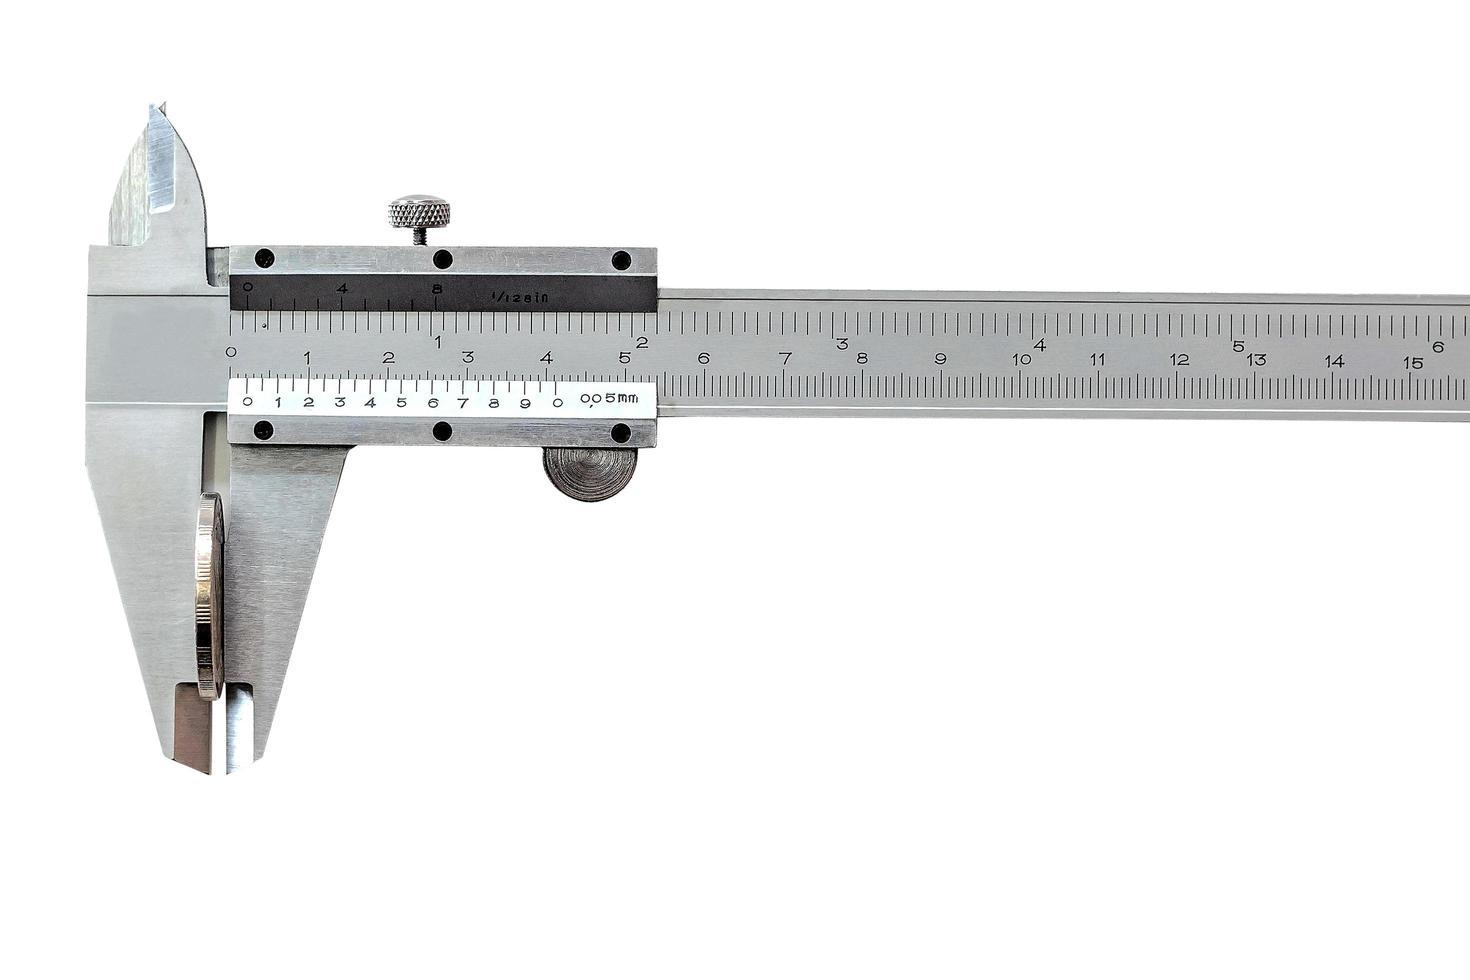 escala vernier em um fundo branco foto